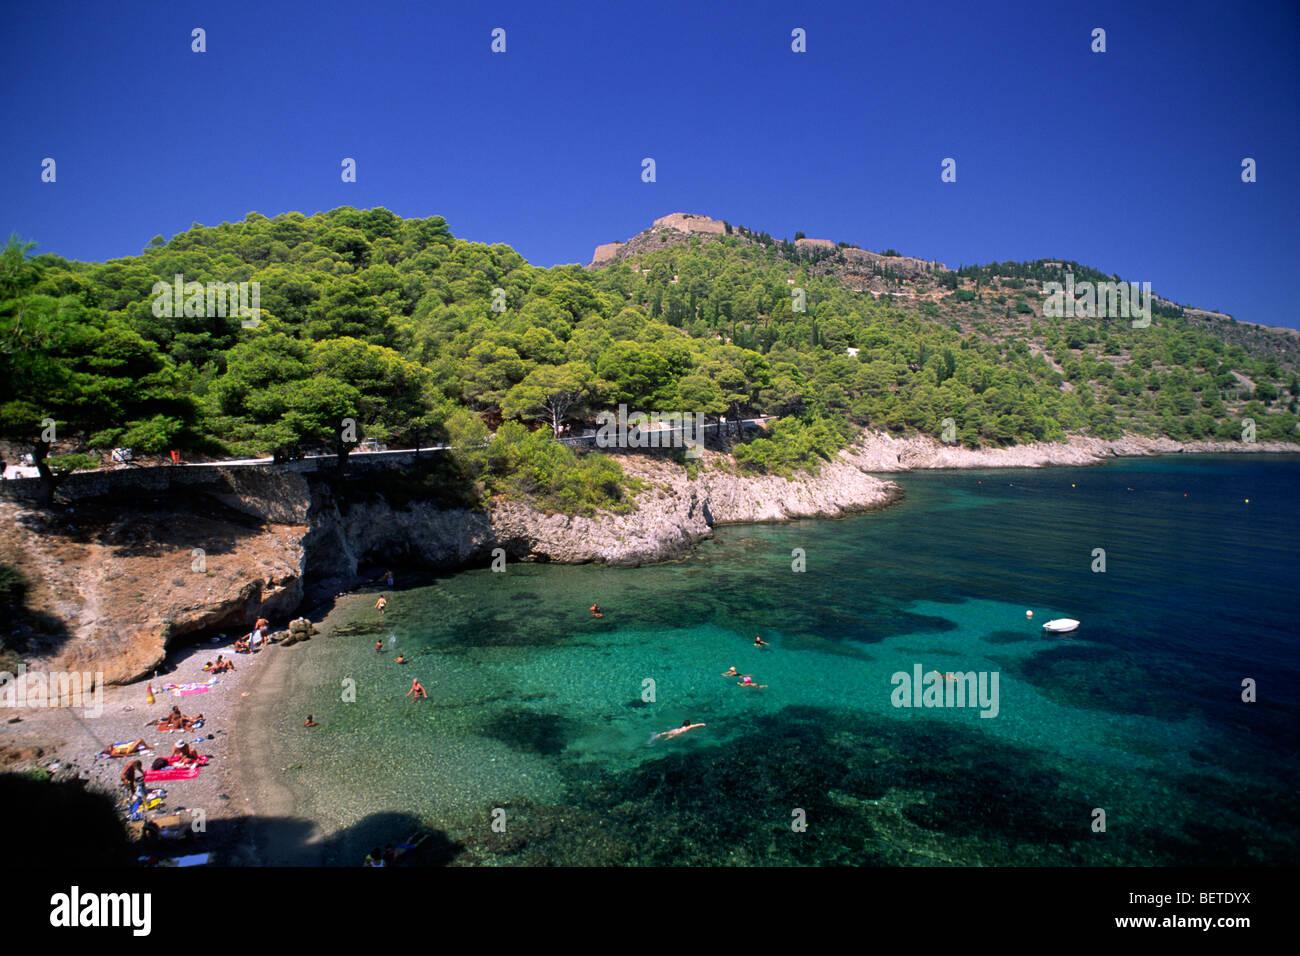 greece, ionian islands, kefalonia, assos - Stock Image